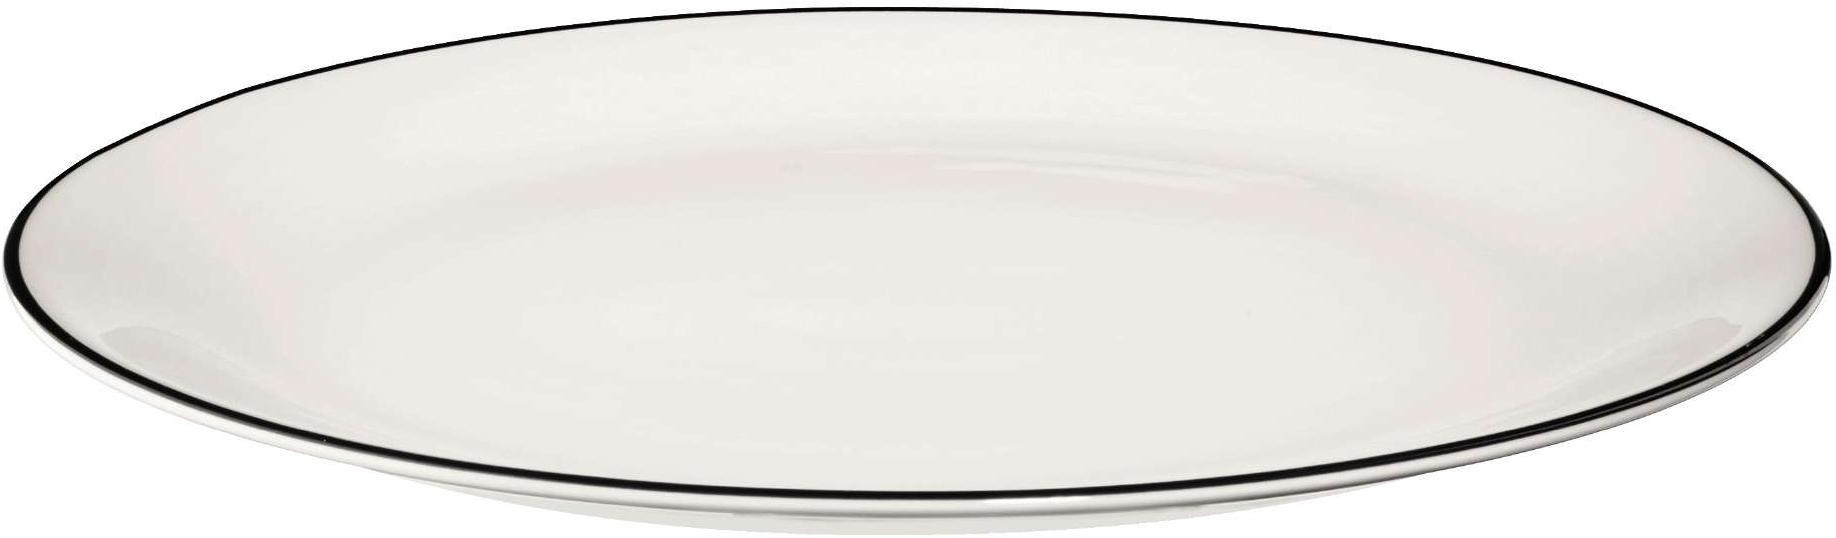 Assiettes plates À Table ligne noire, 4pièces, Blanc Bord: noir